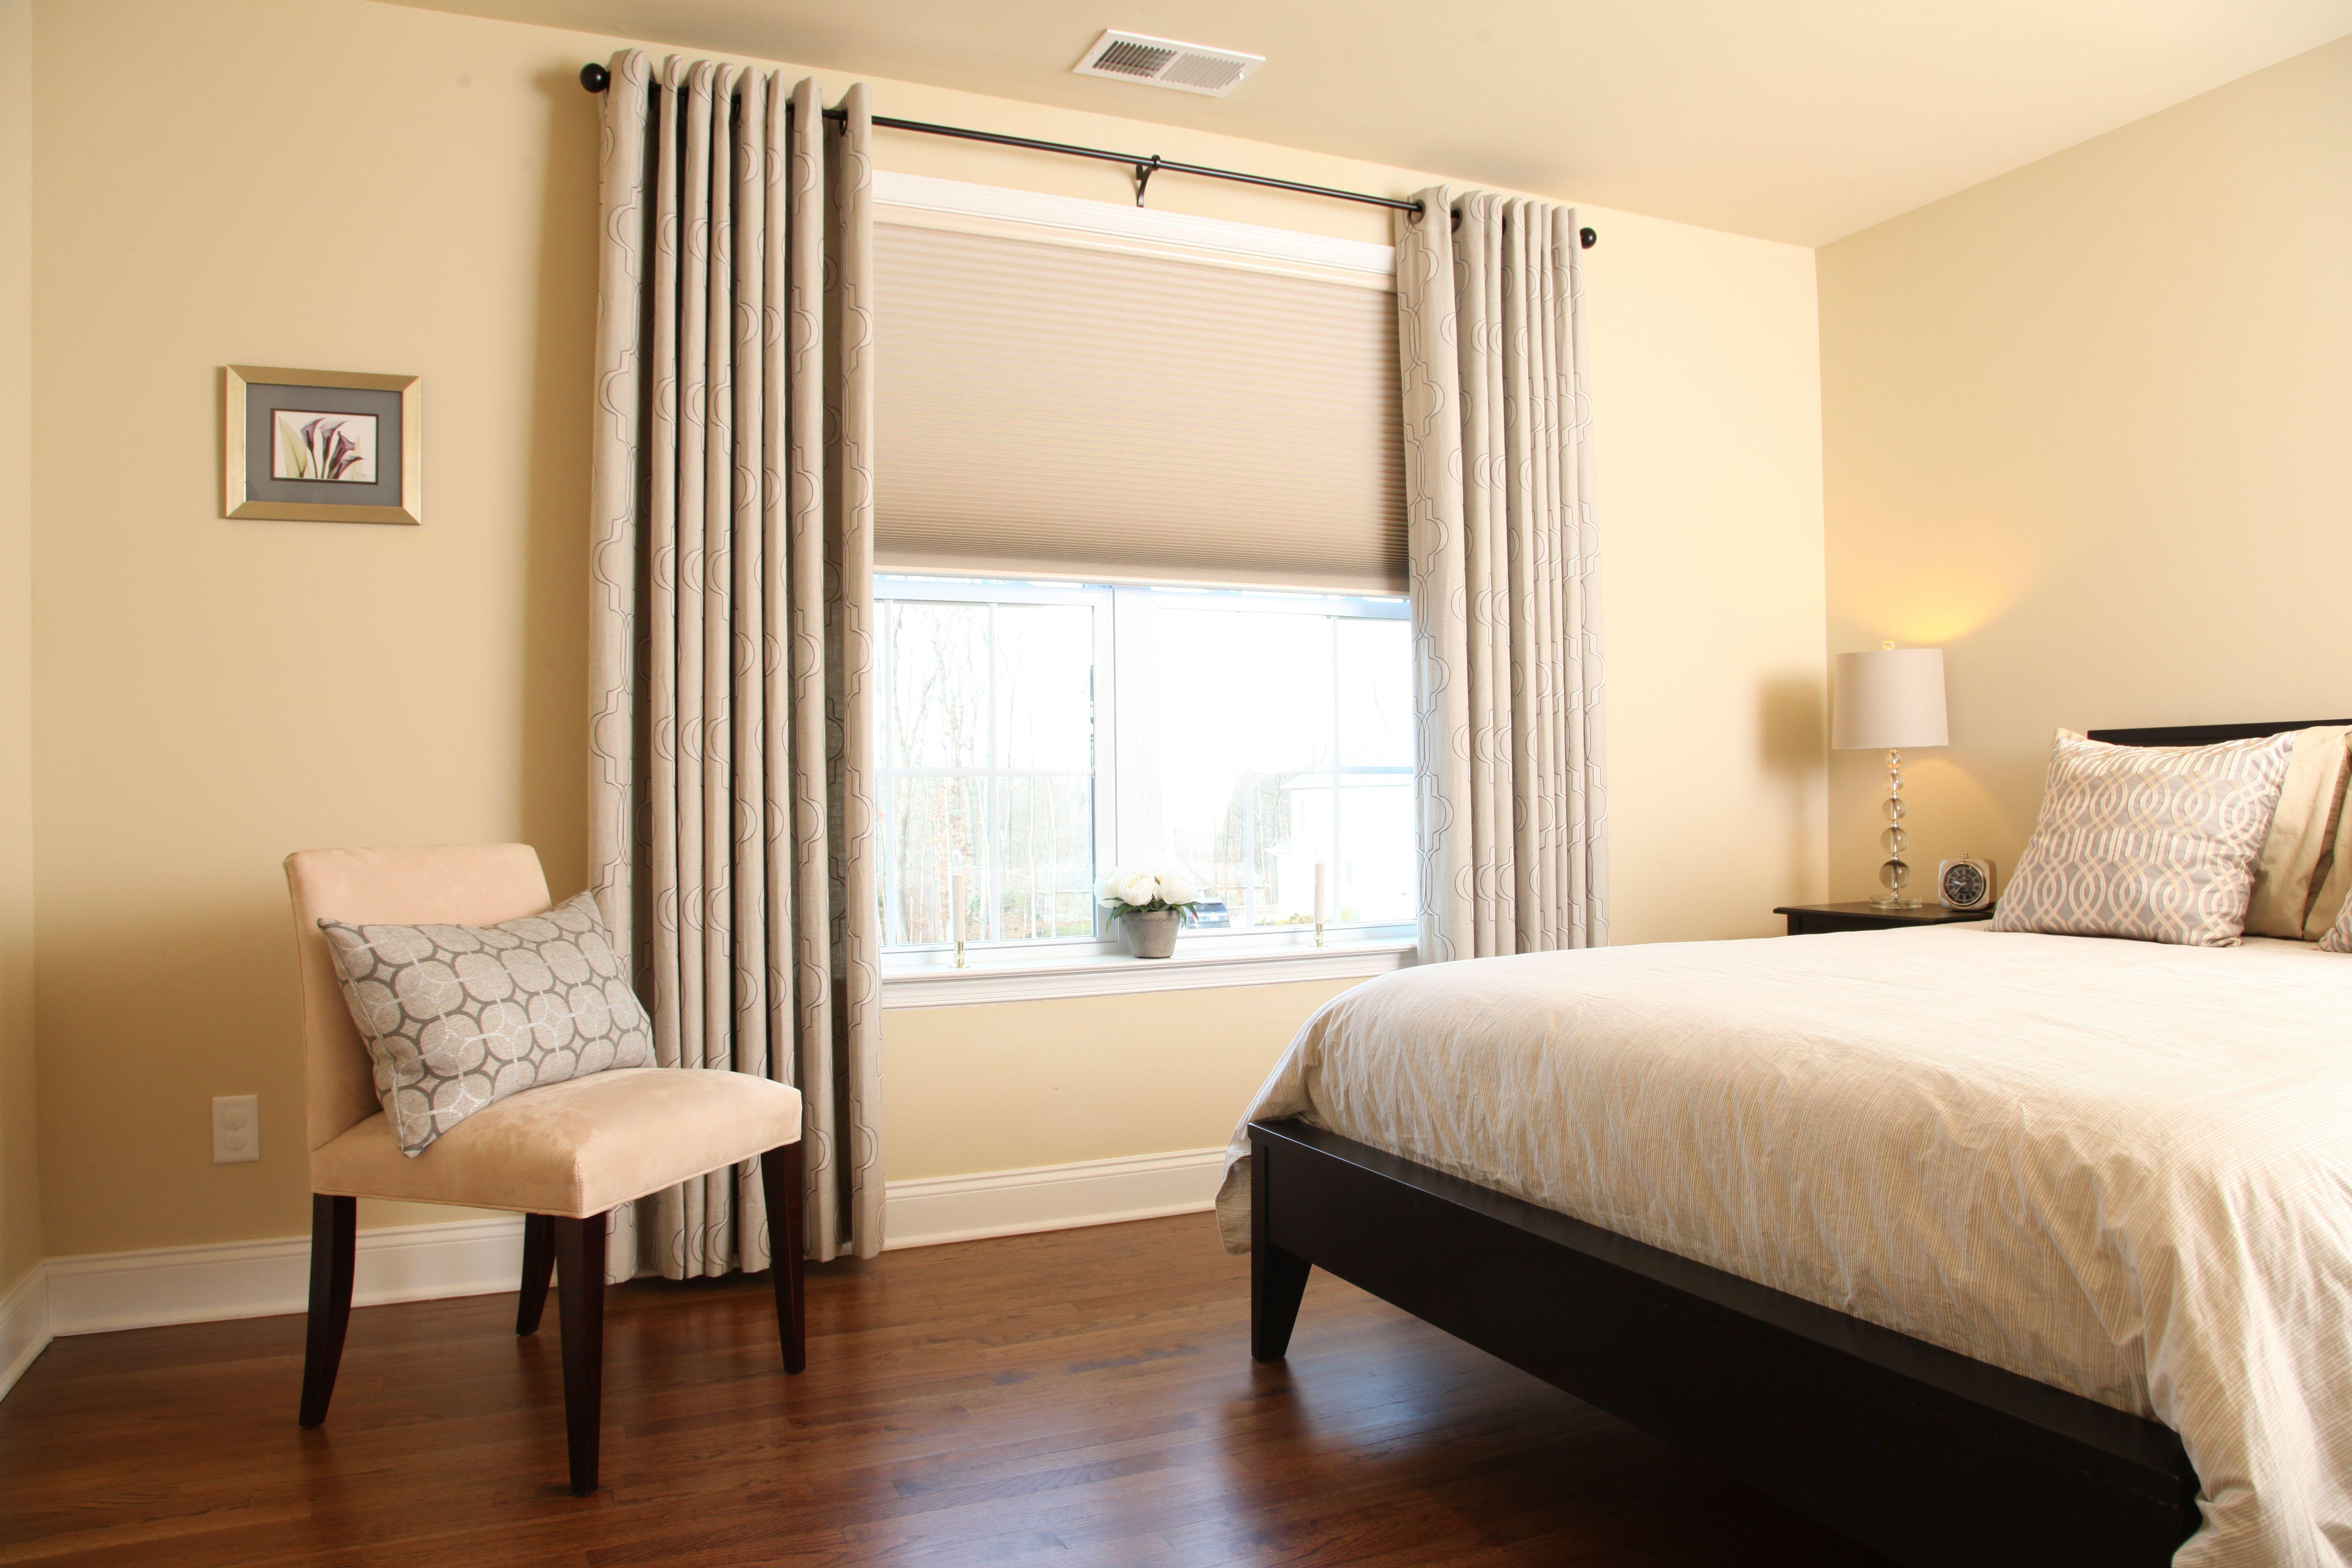 Room Darkening Cellular Shades And Linen Drapes Help Block